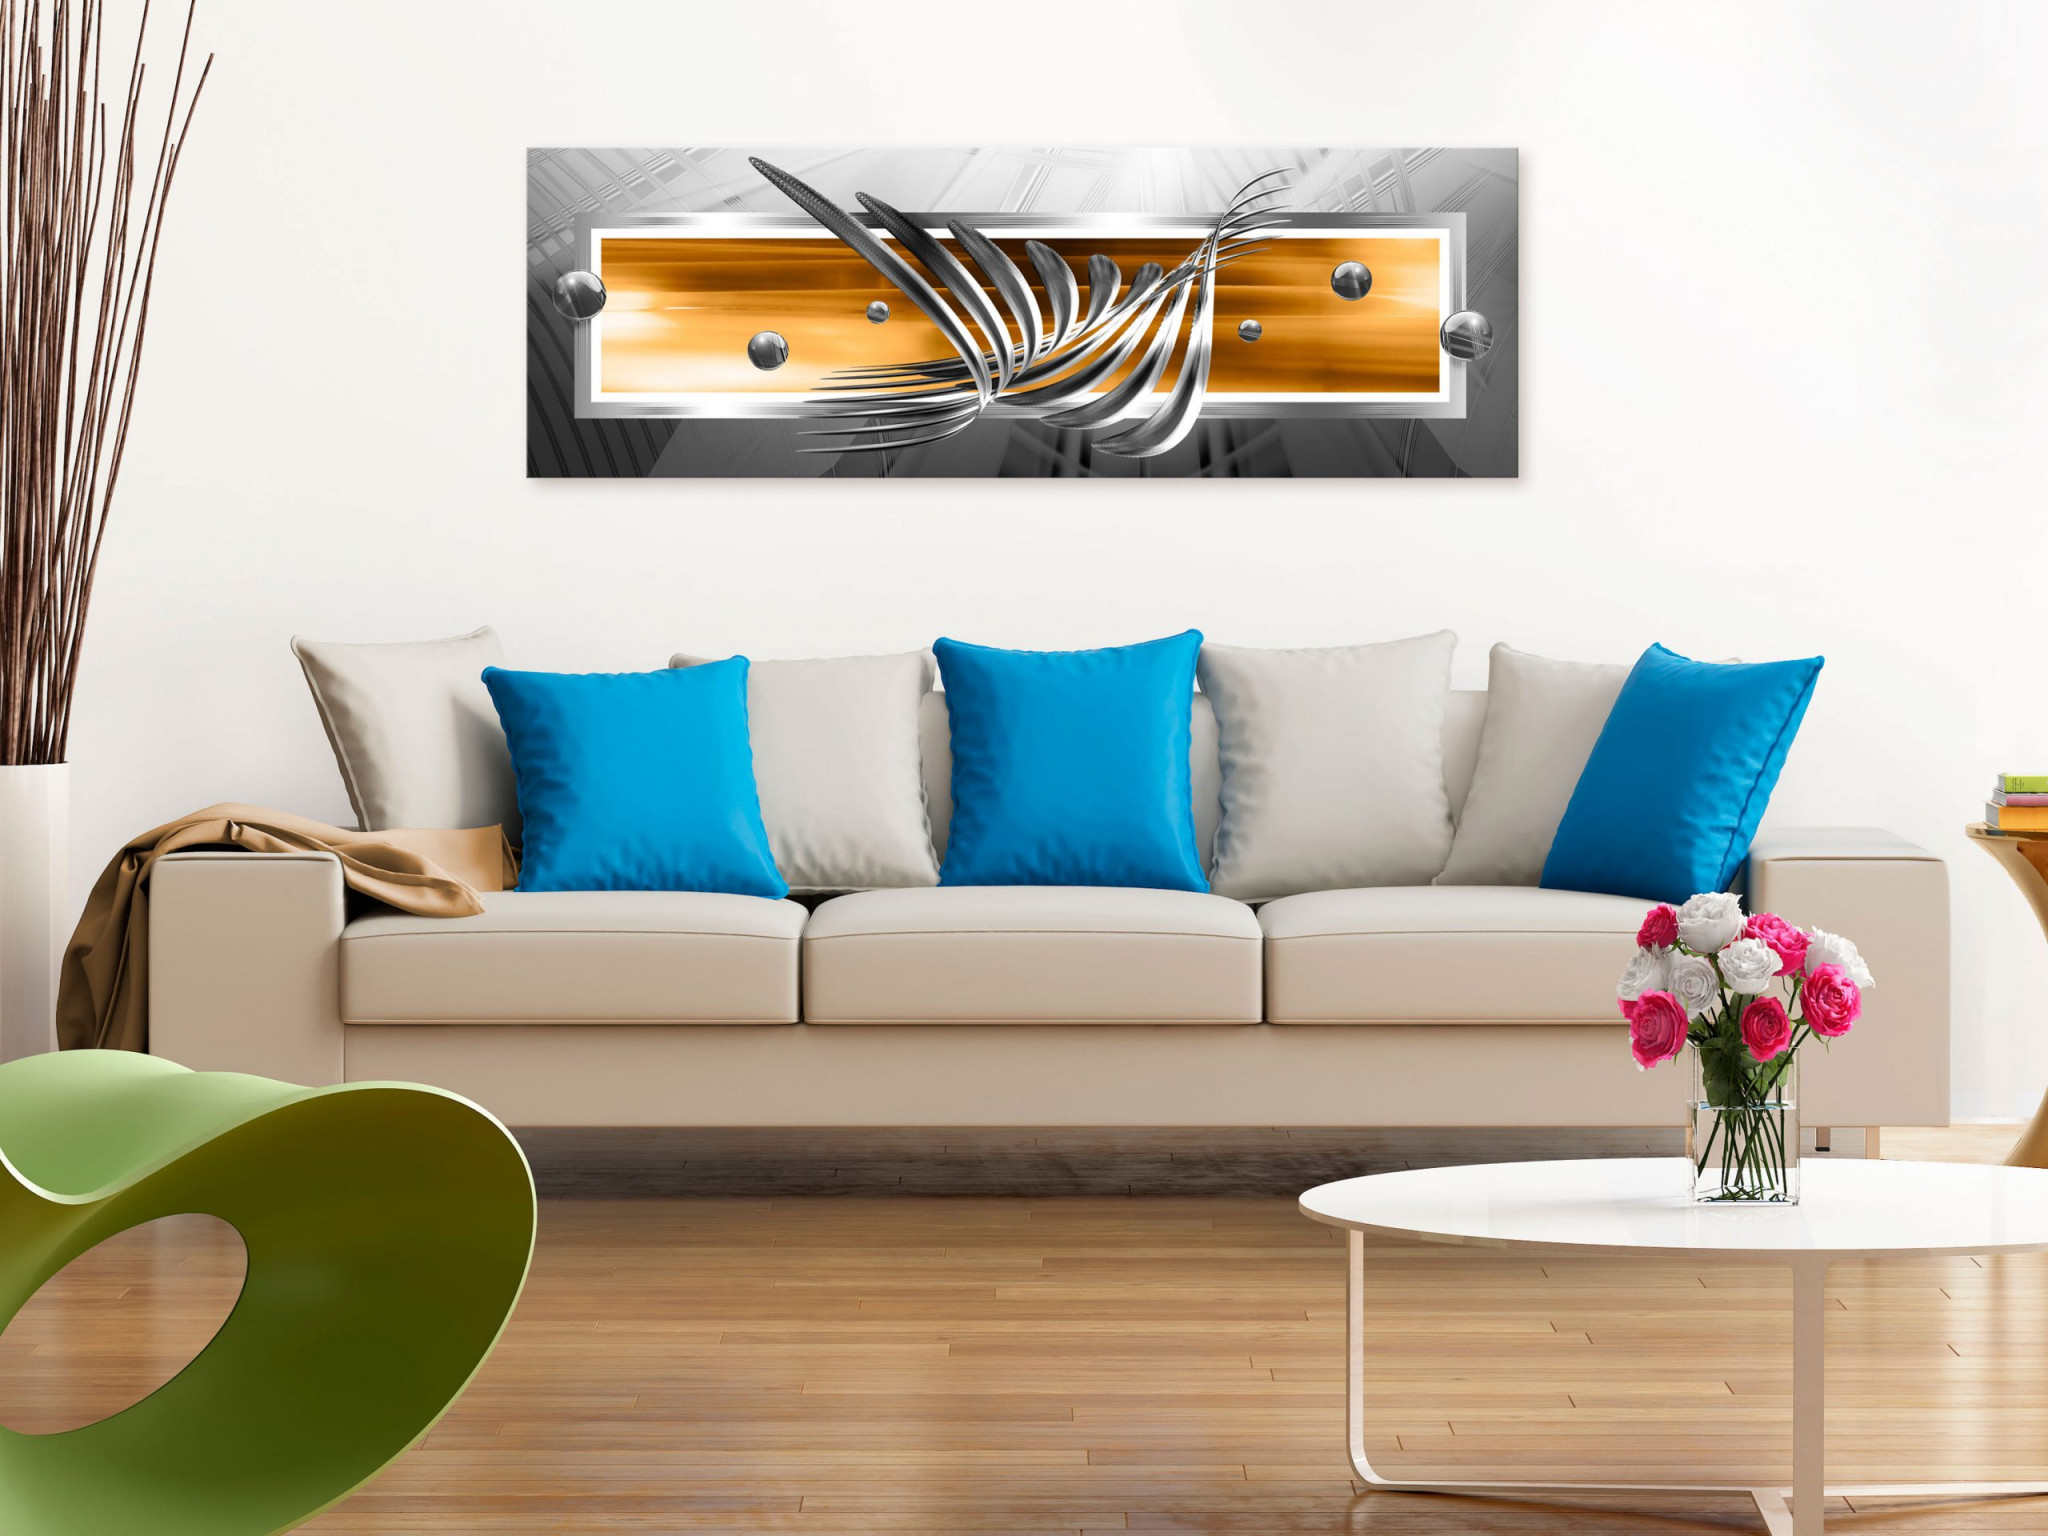 Wandbilder Wohnzimmer Xxl Lutz von Wohnzimmer Lampe Xxl Lutz Bild